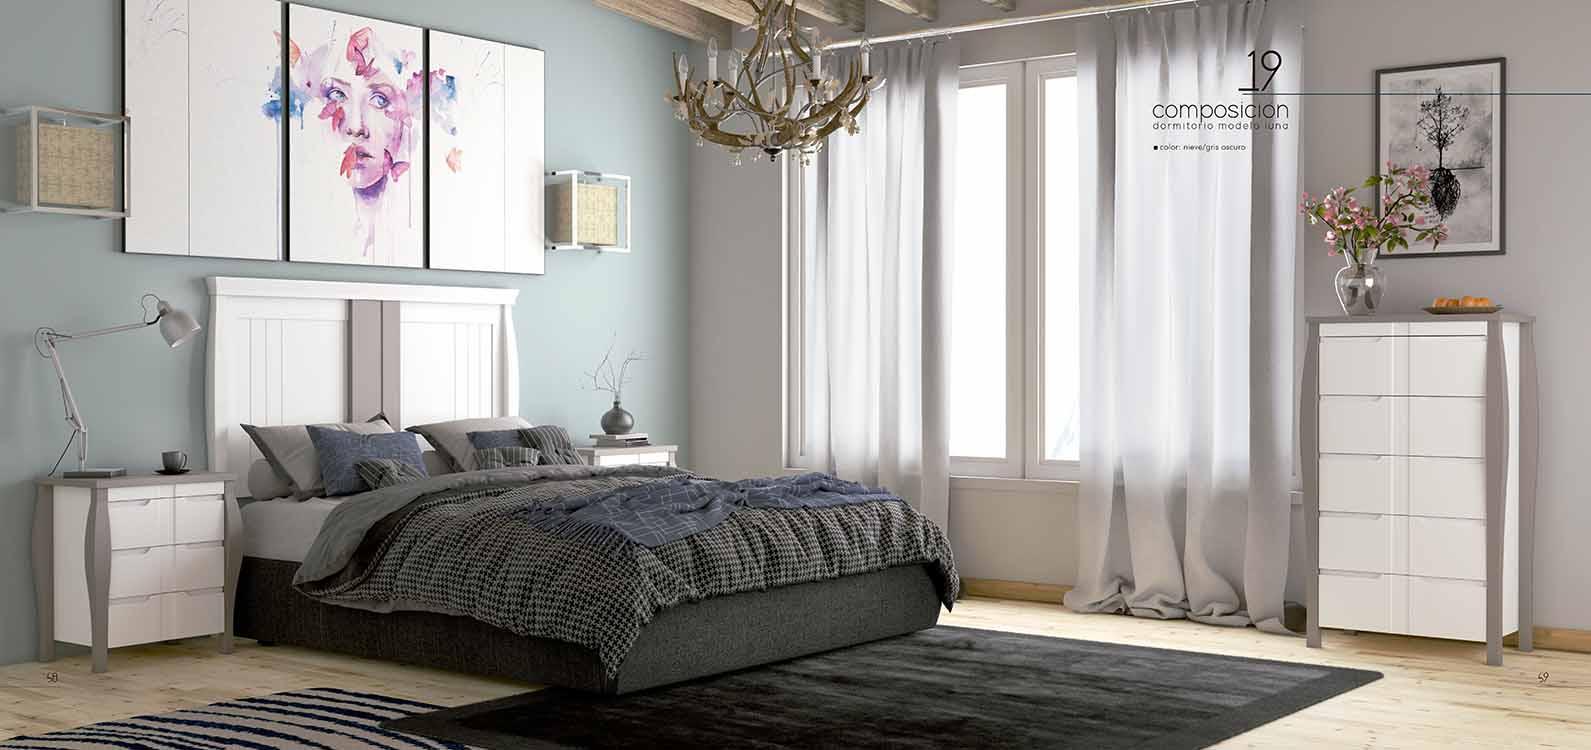 http://www.munozmuebles.net/nueva/catalogo/dormitorios4-2126-aralia-8.jpg -  Medidas frecuentes de muebles vintage